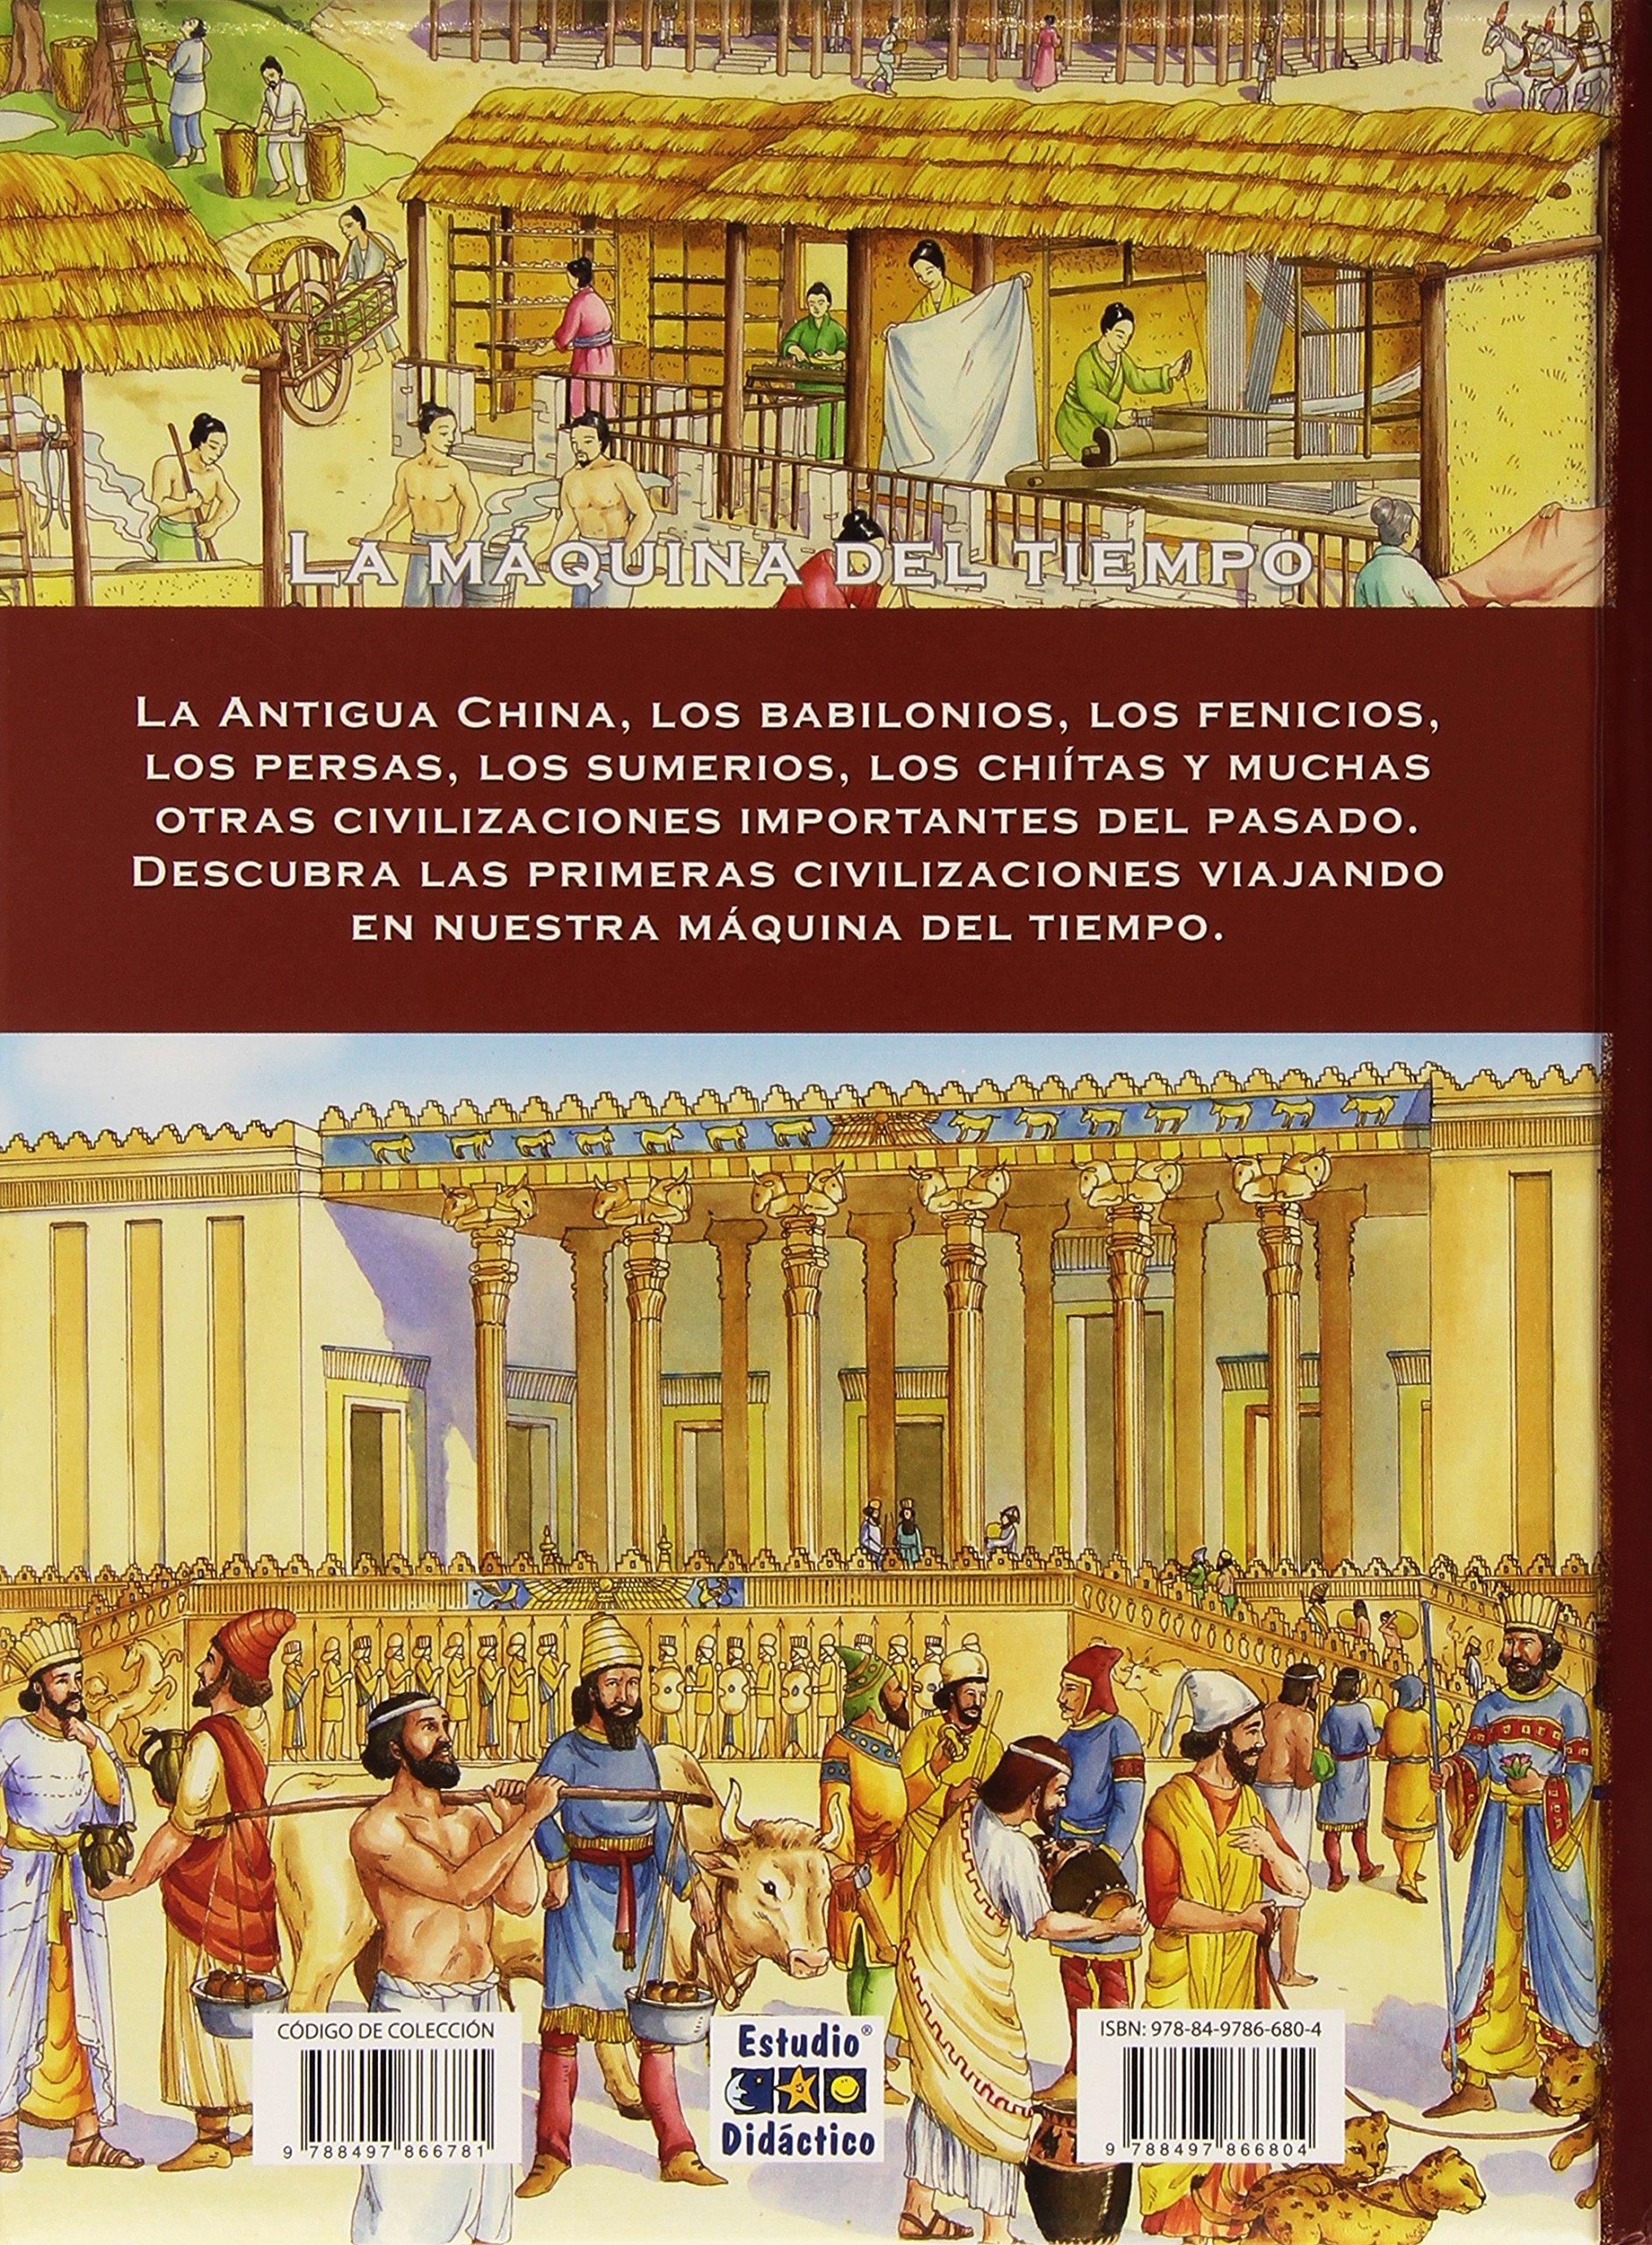 LA MAQUINA DEL TIEMPO: PRIMERAS CIVILIZACIONES: 2: Amazon.es: RENZO BARSOTTI: Libros en idiomas extranjeros